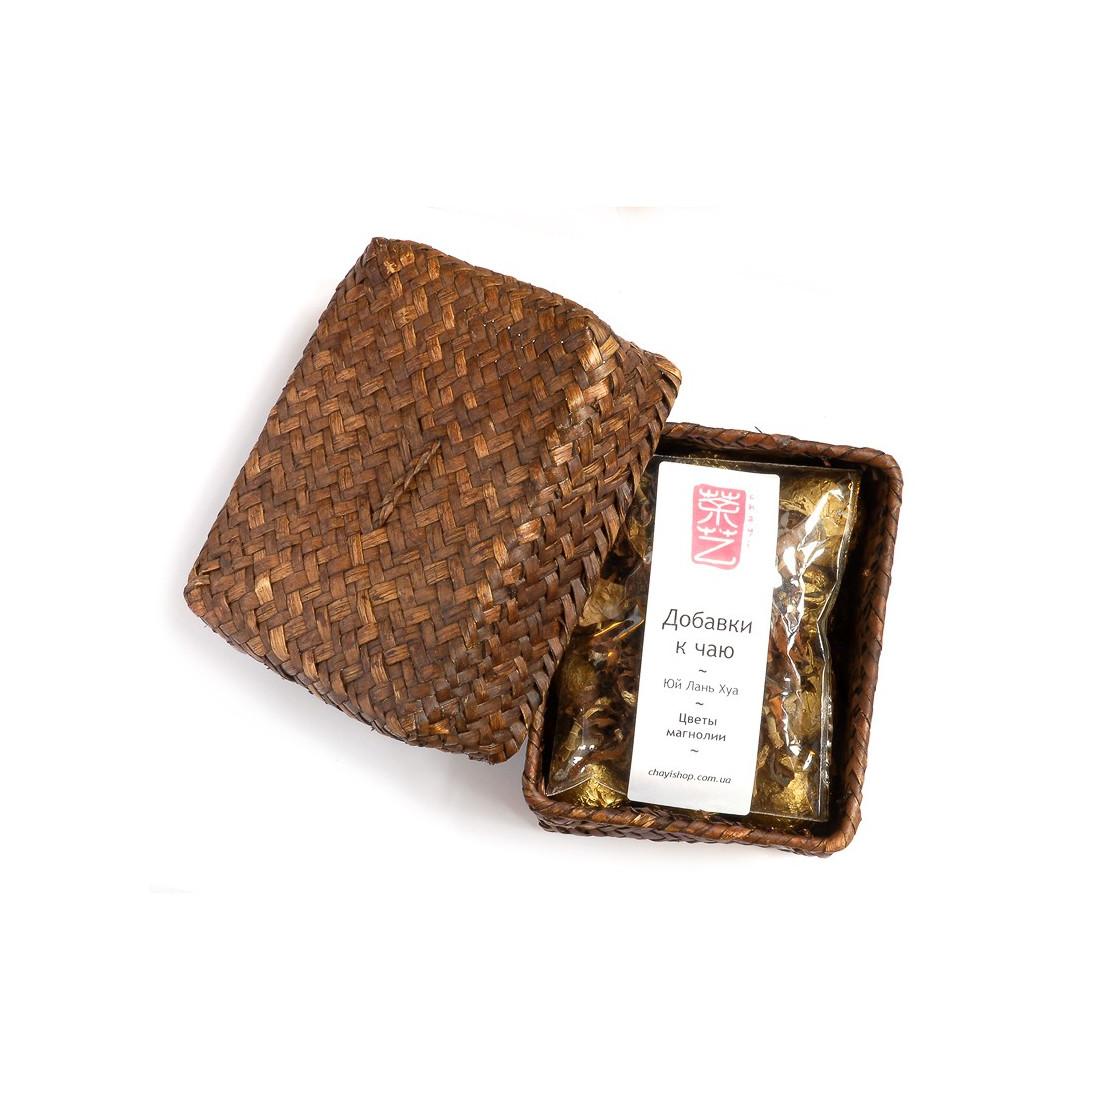 Порционный белый чай с магнолией в плетеной корзинке